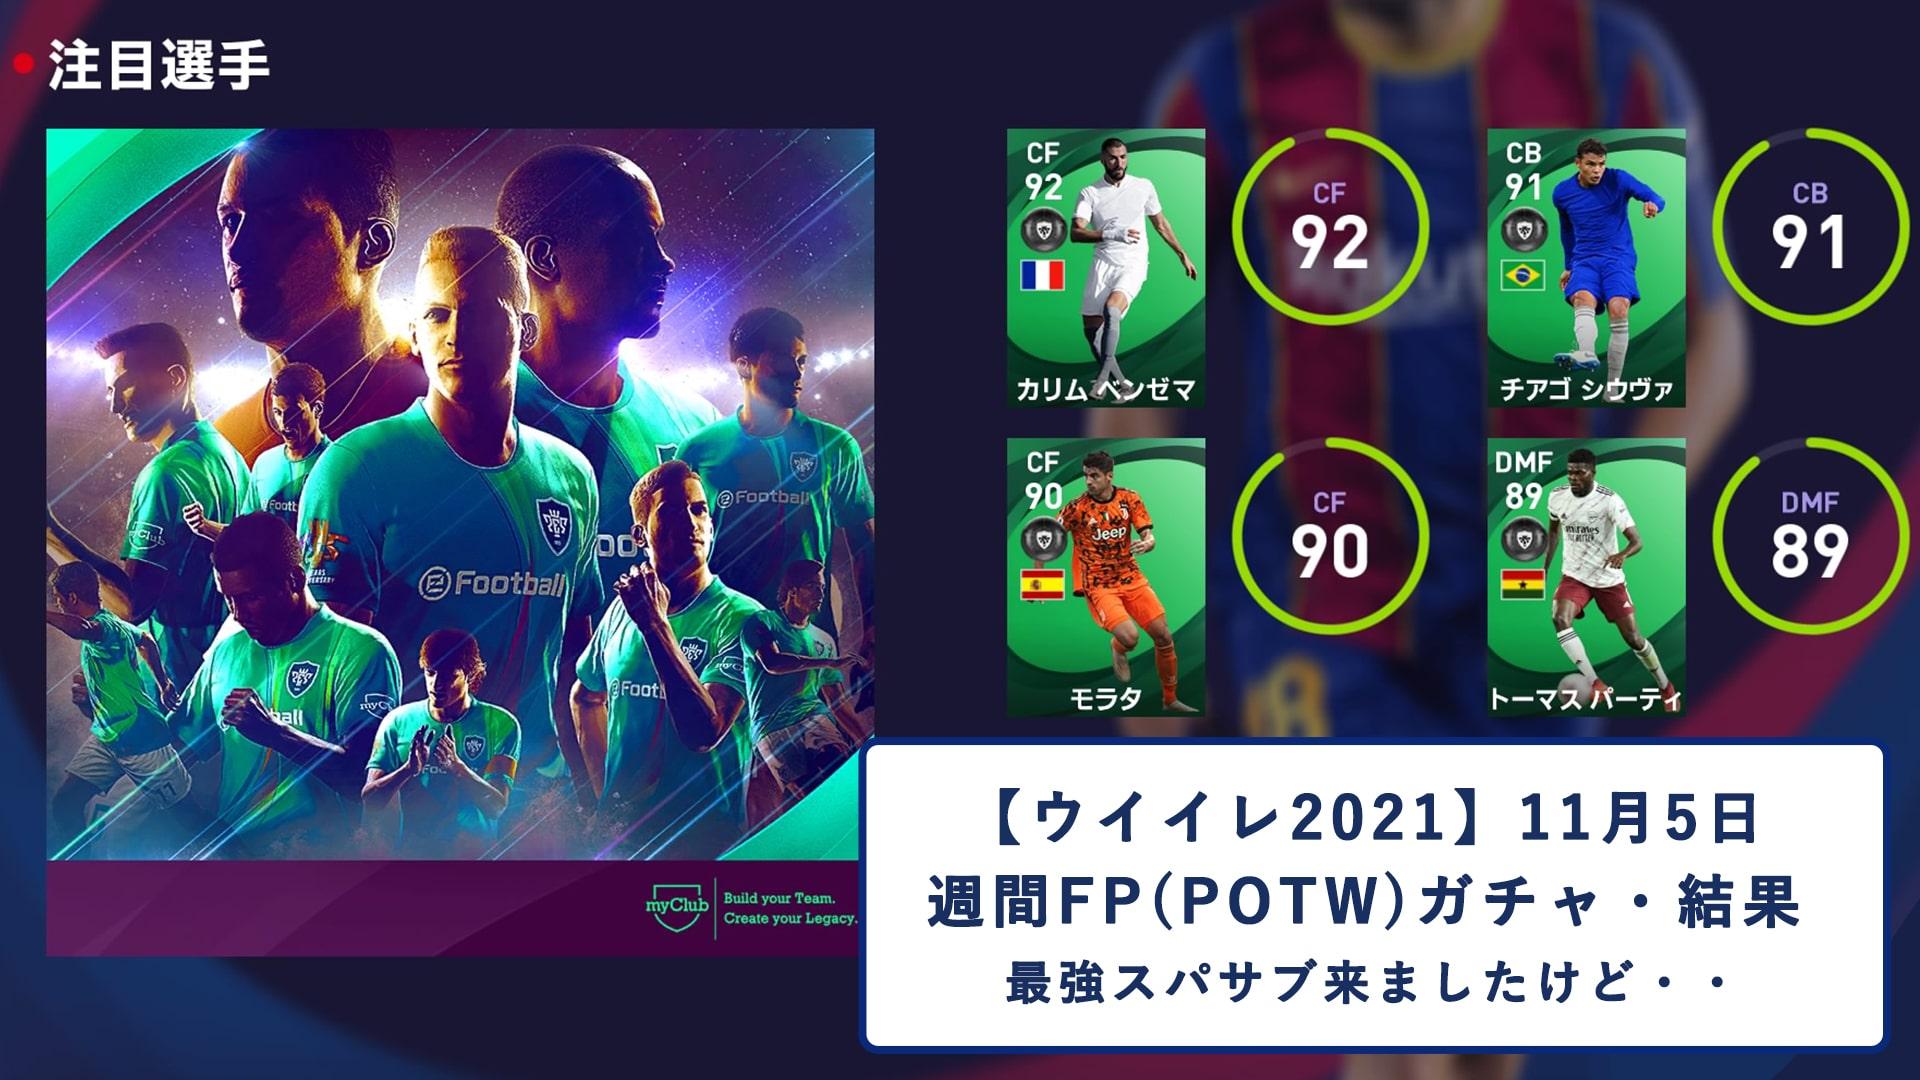 【ウイイレ2021】11/5 週間FP(POTW)ガチャ結果 ~最強スパサブ来ましたけど・・~